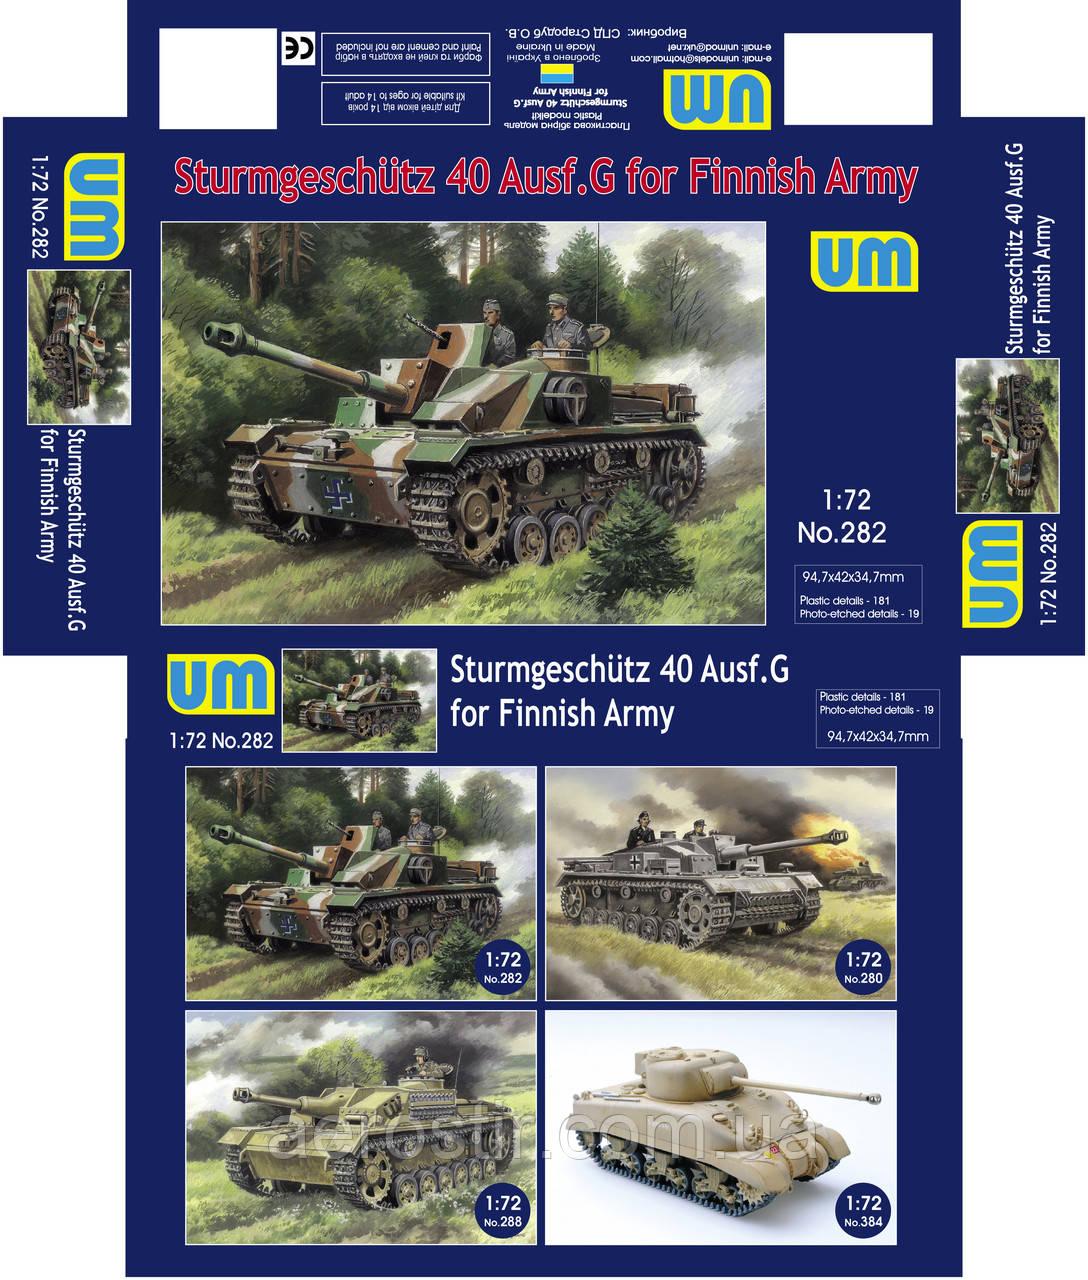 Sturmgeschutz 40 Ausf.G 1/72 UM 282